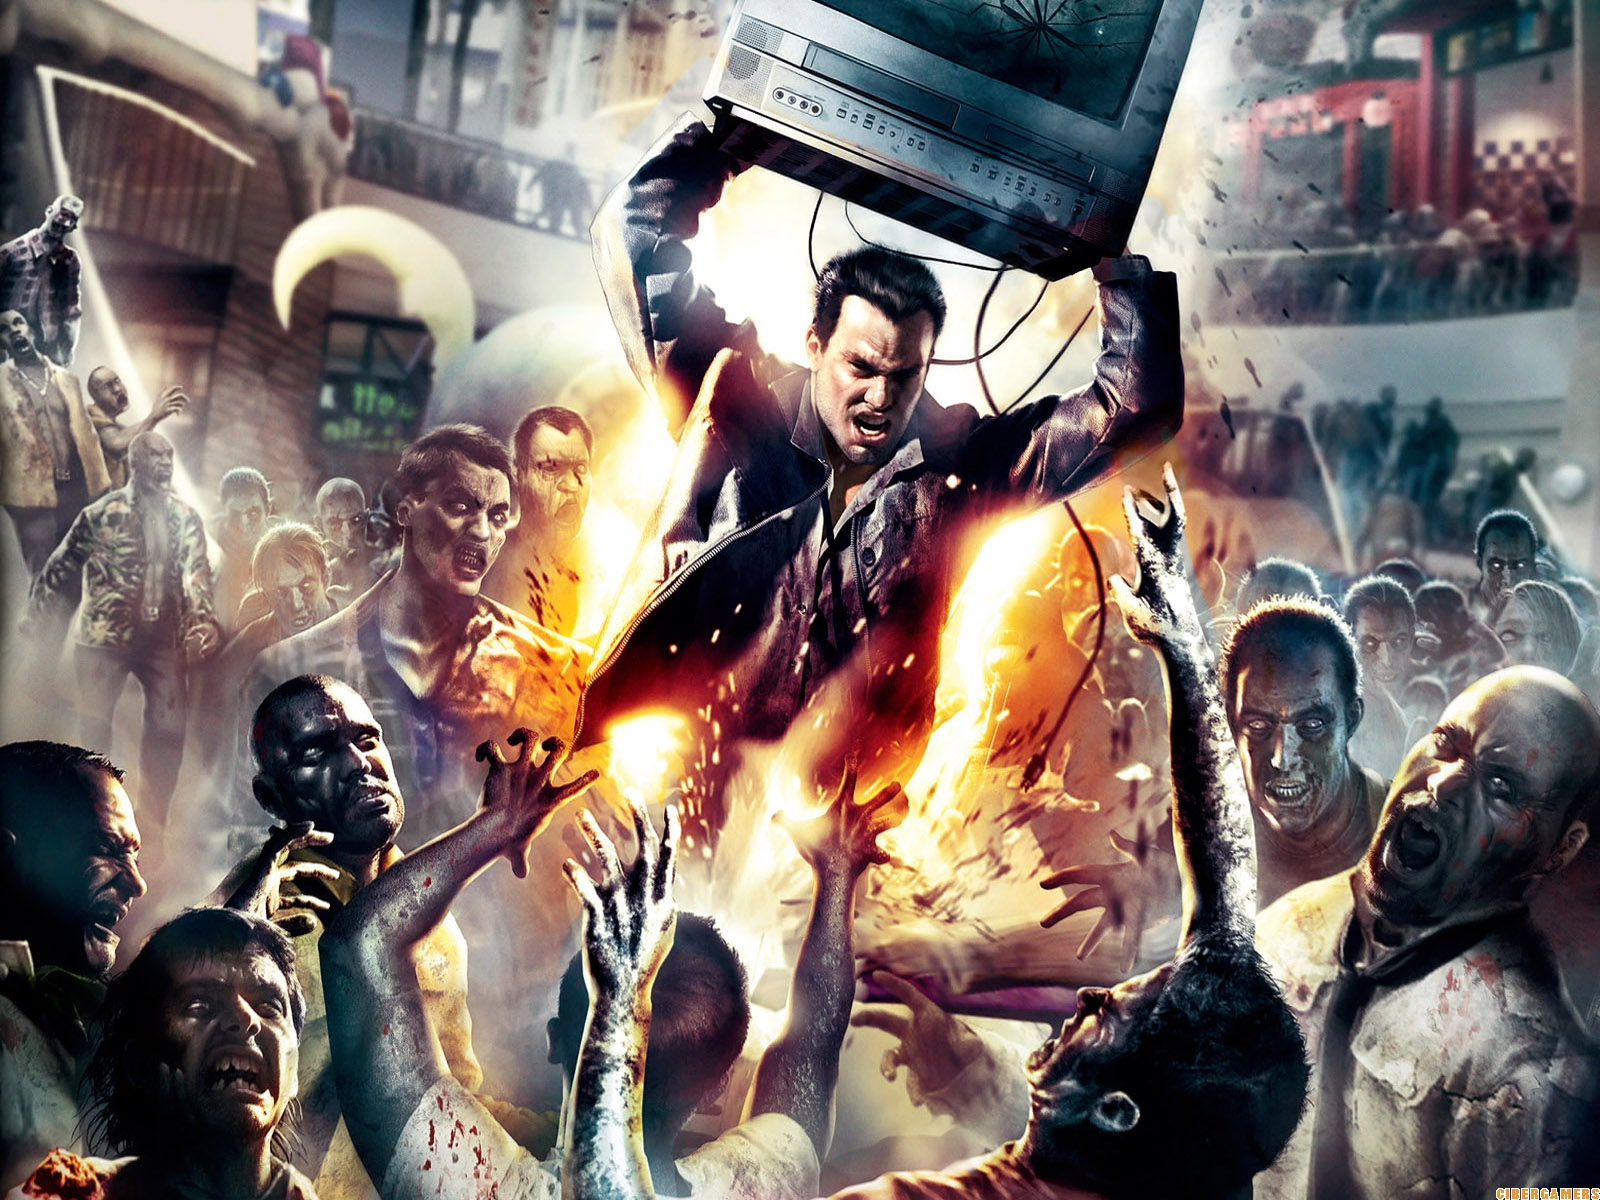 Téléchargement: Dead Rising 3 jeu PC gratuit. Aperçus et